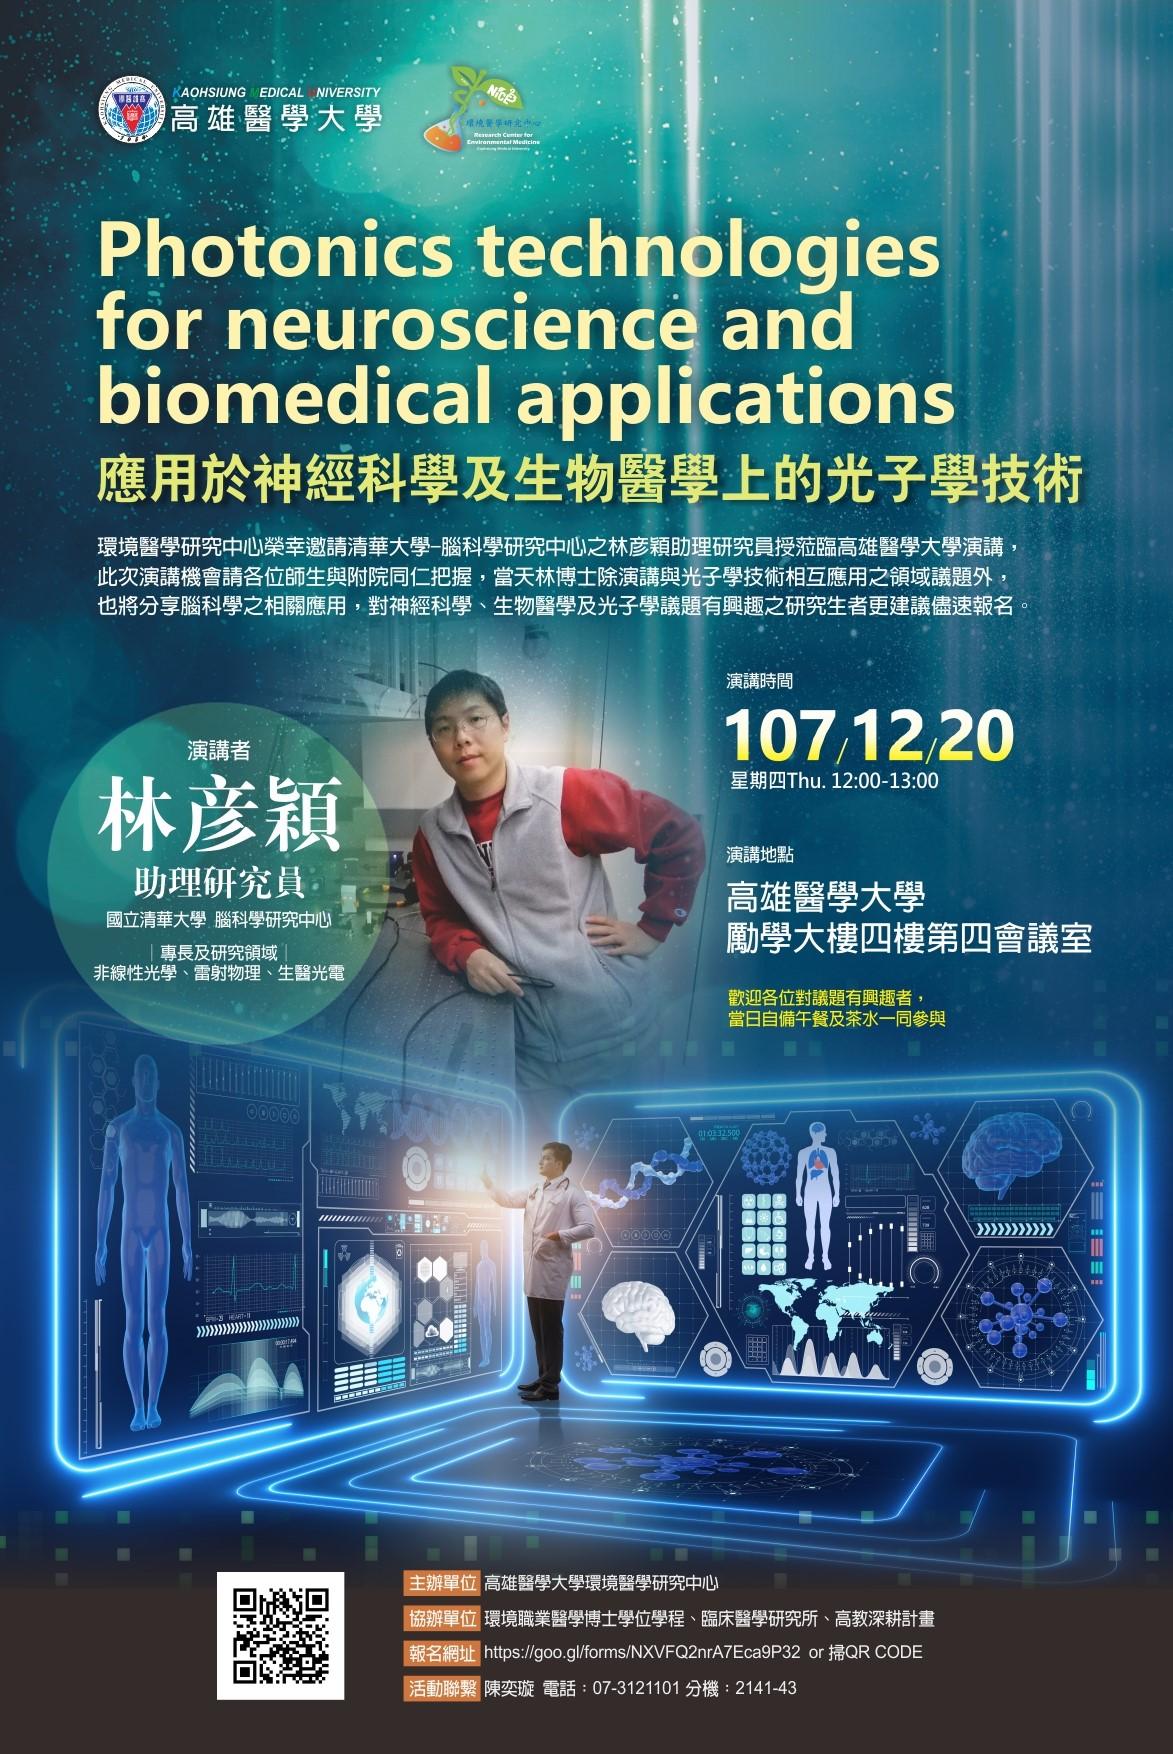 應用於神經科學及生物醫學上的光子學技術